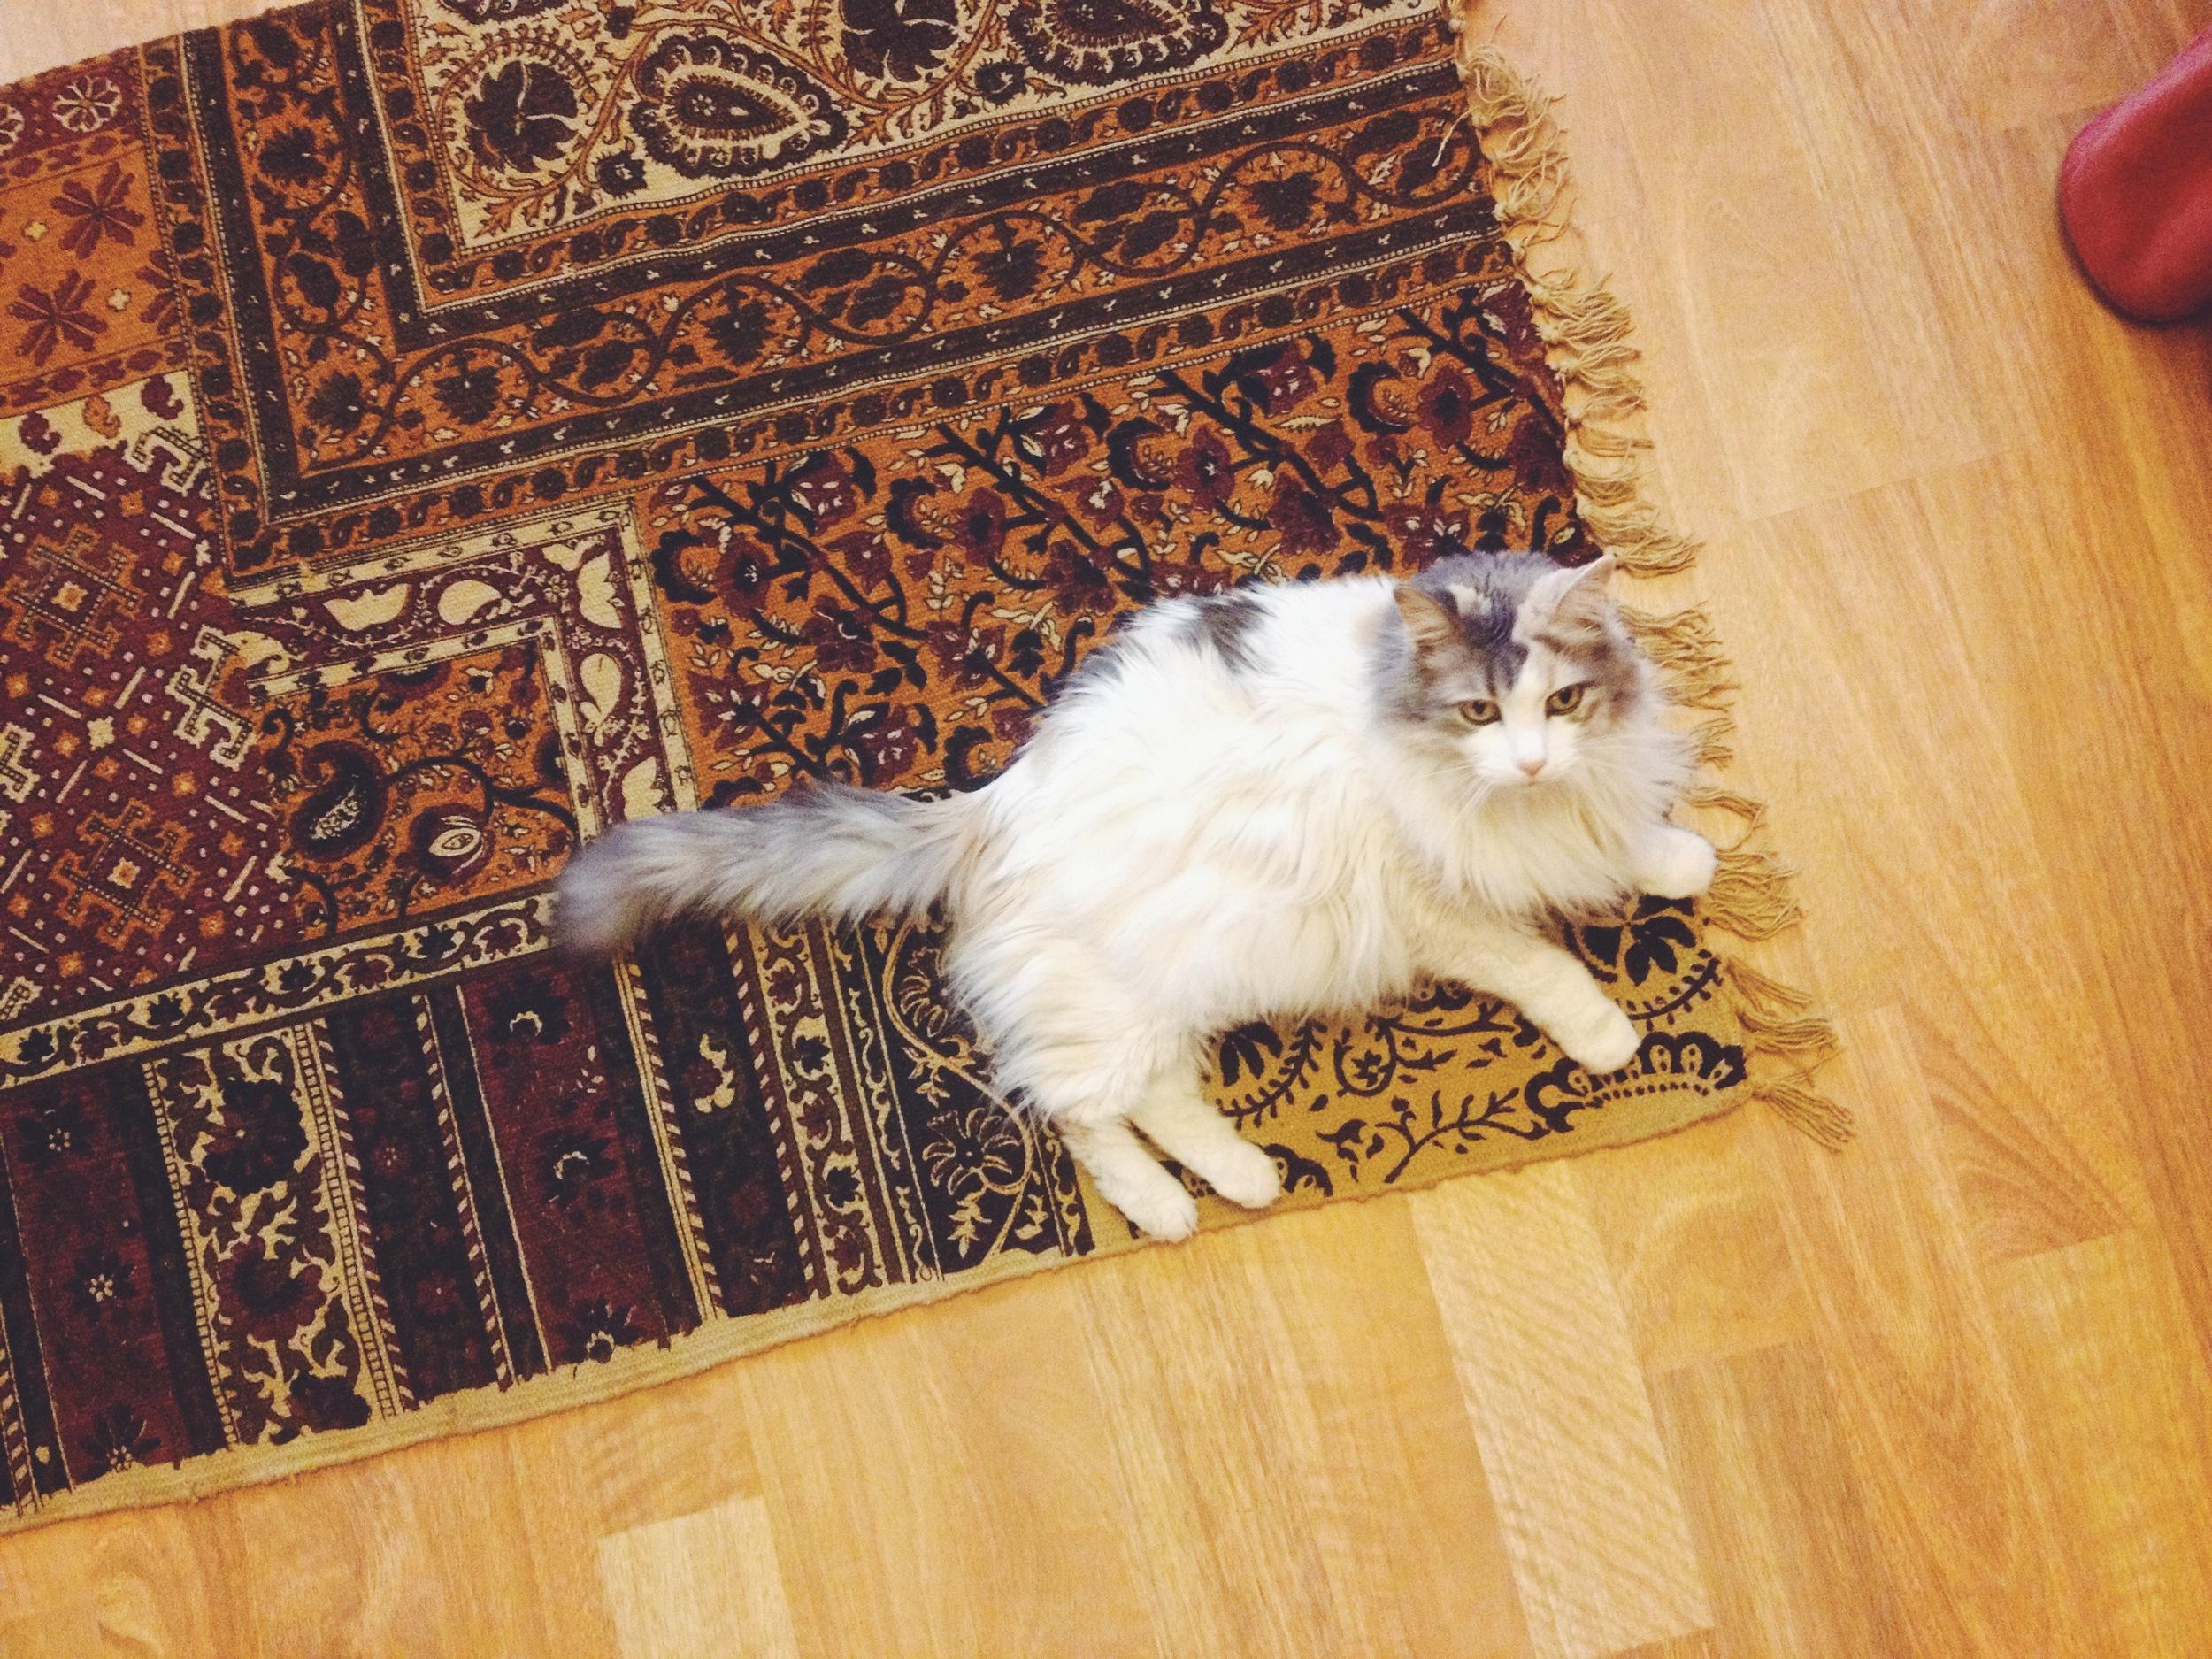 kitty on a pretty rug via rootsandfeathers.com